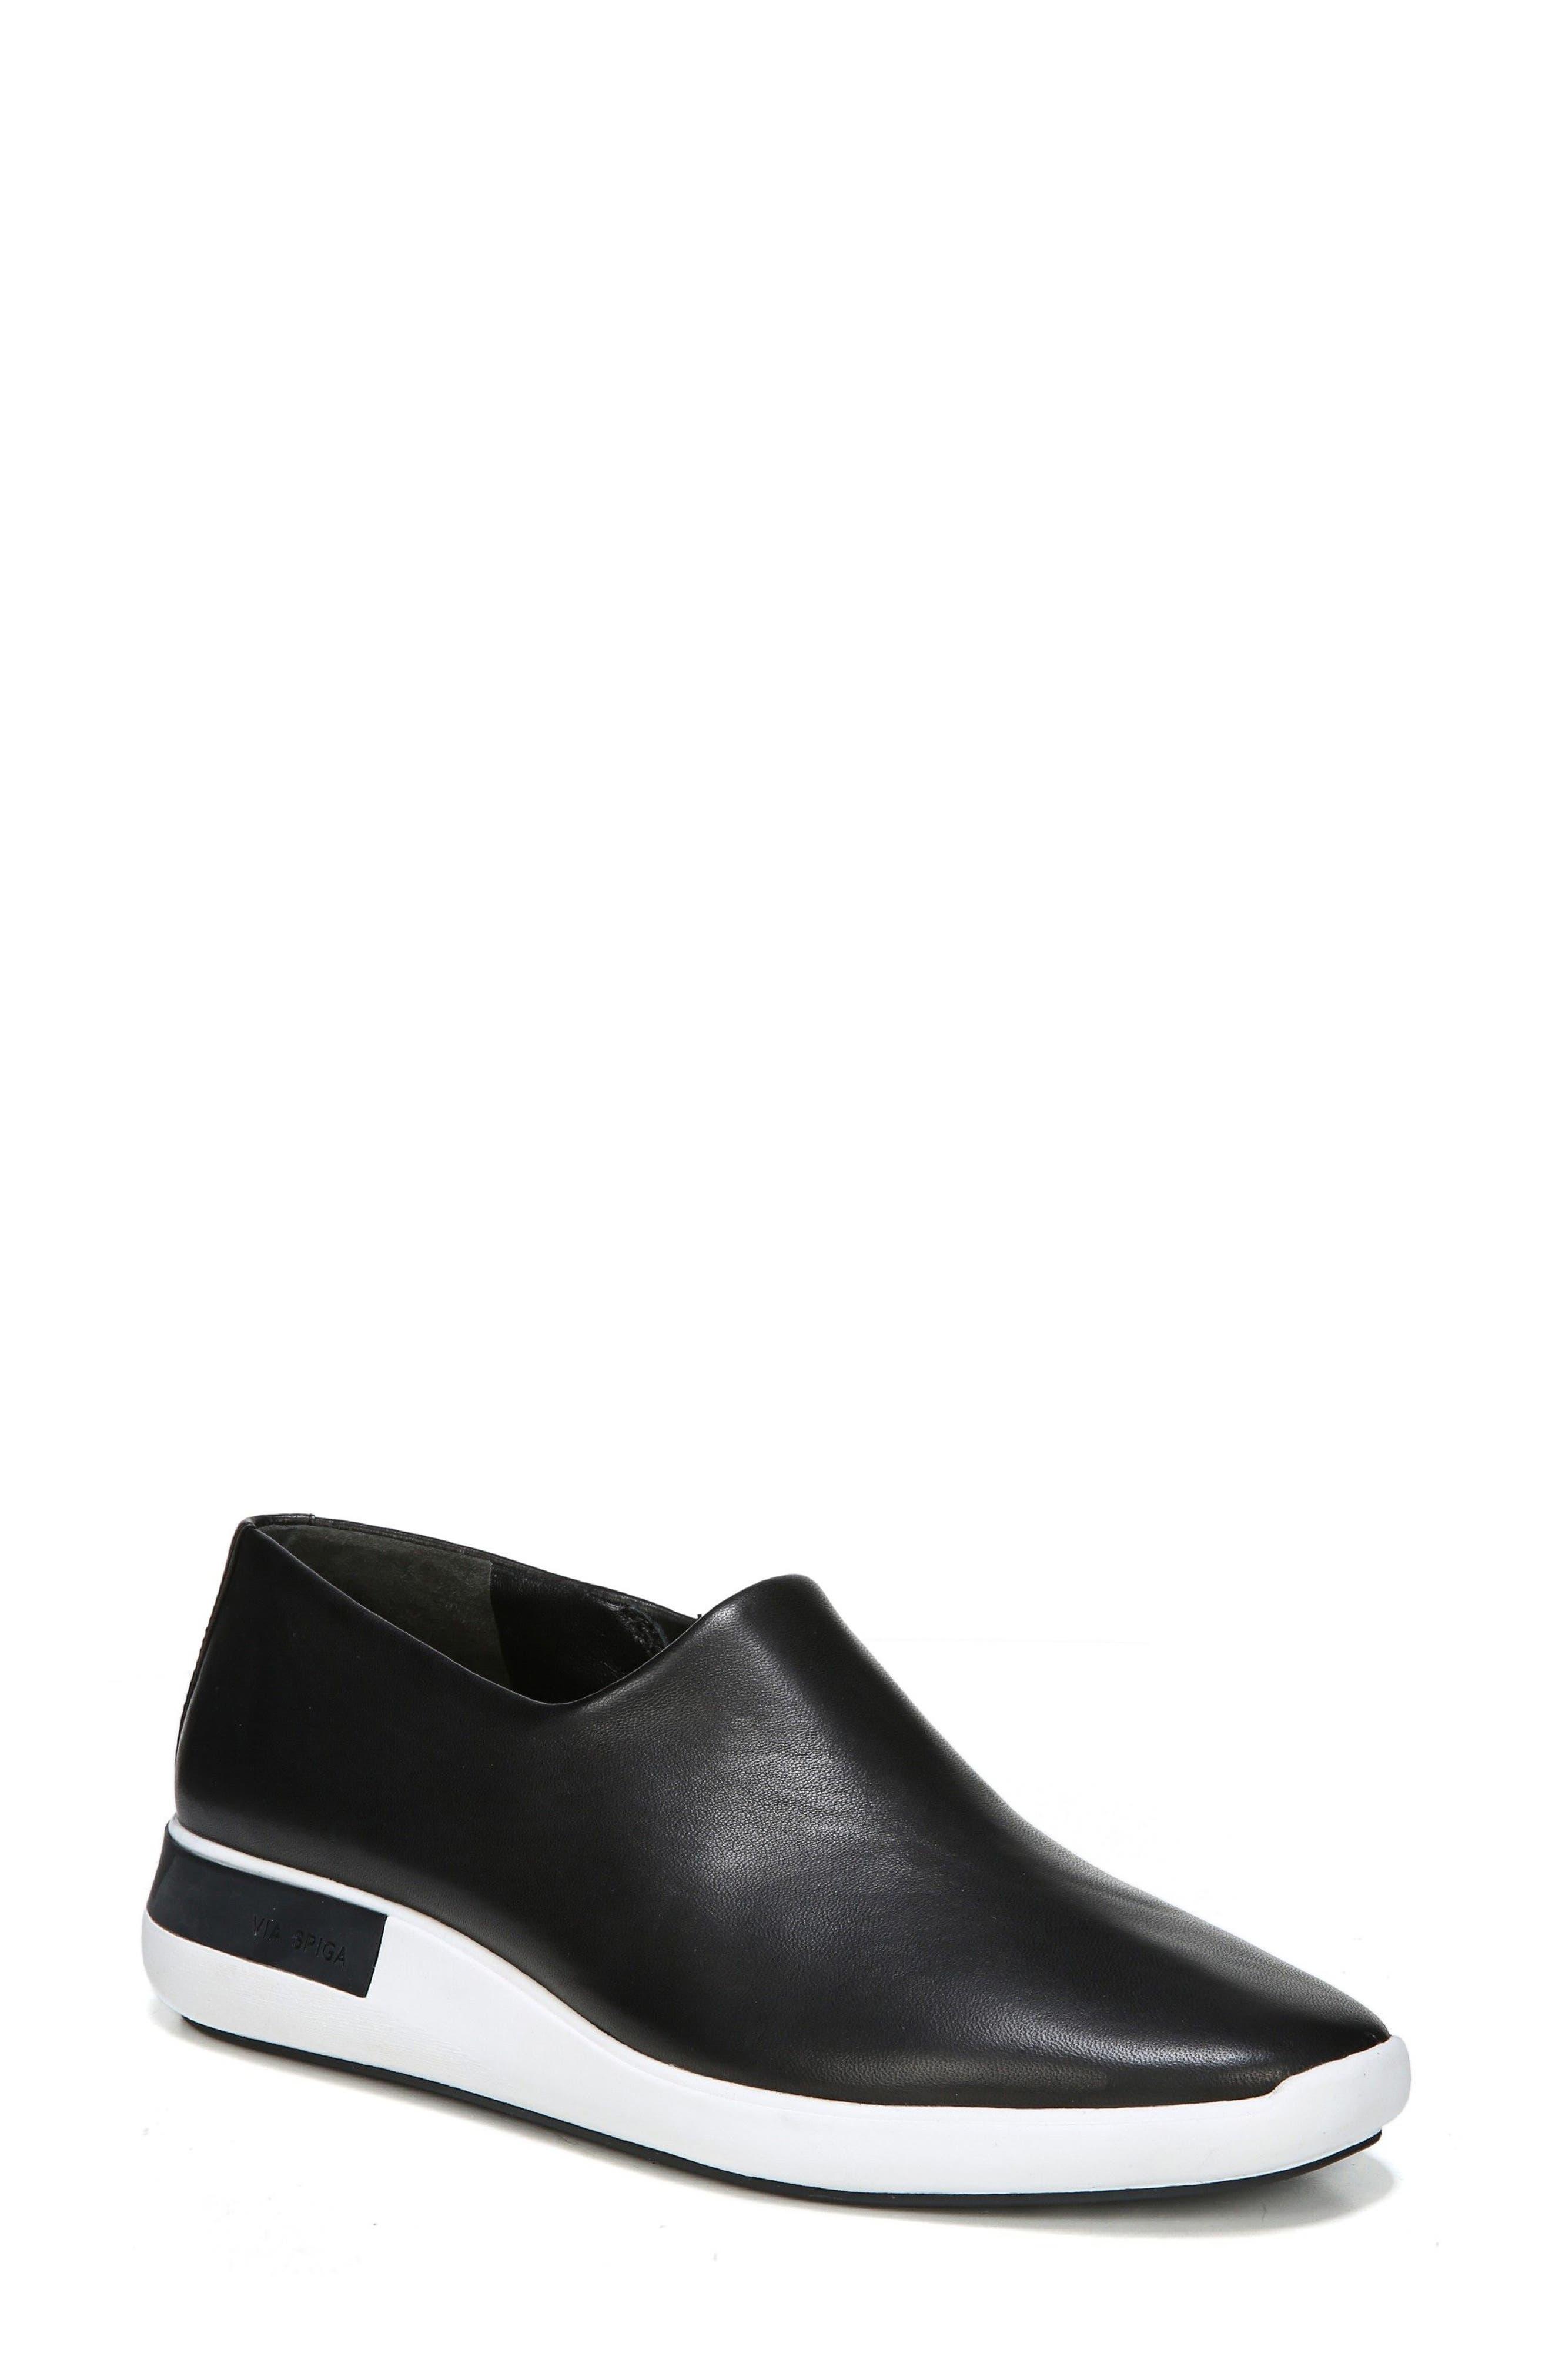 Alternate Image 1 Selected - Via Spiga Malena Slip-On Sneaker (Women)